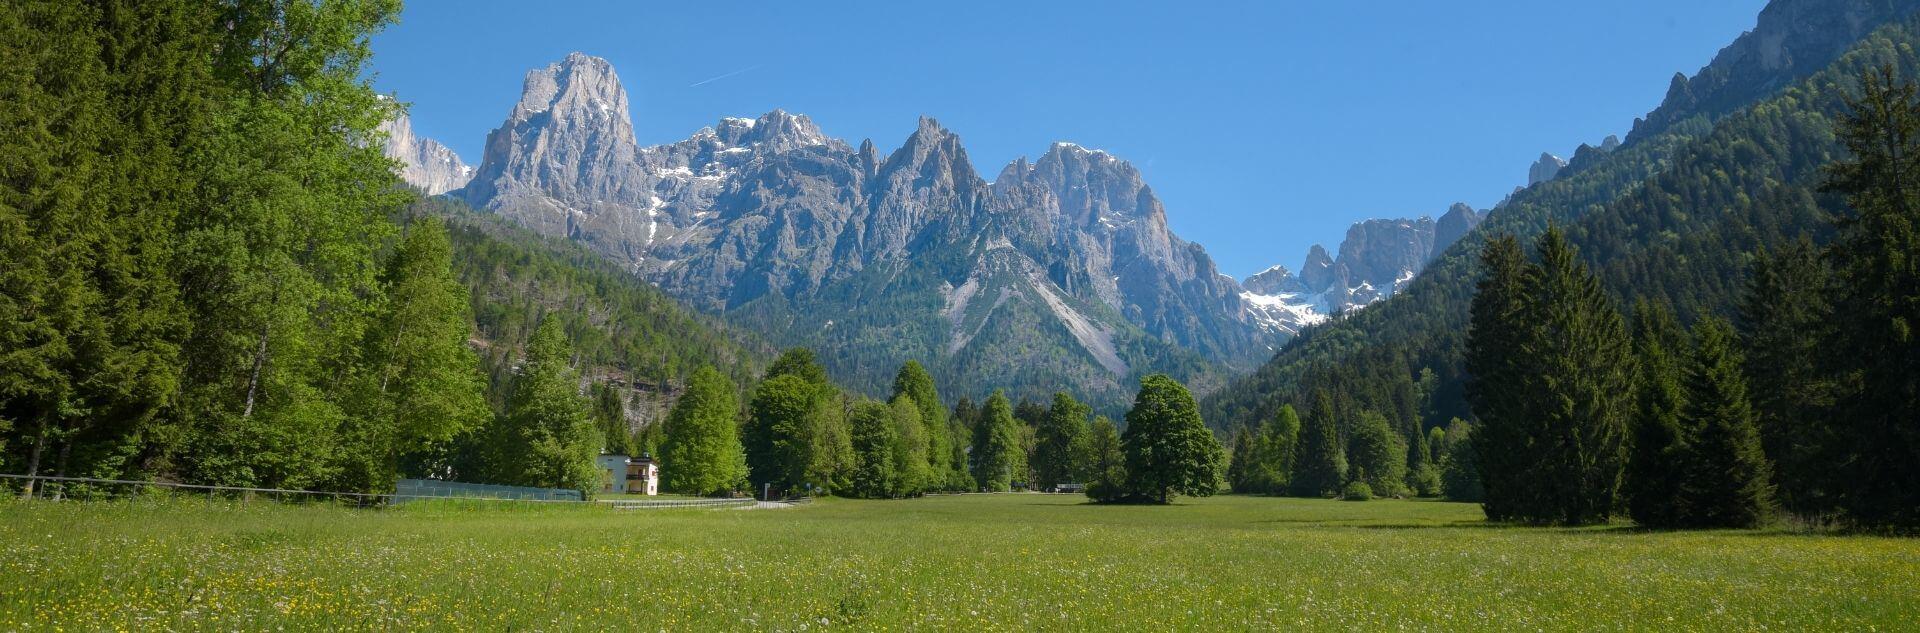 Grüne Wiesen und Berge in Trentino und Südtirol